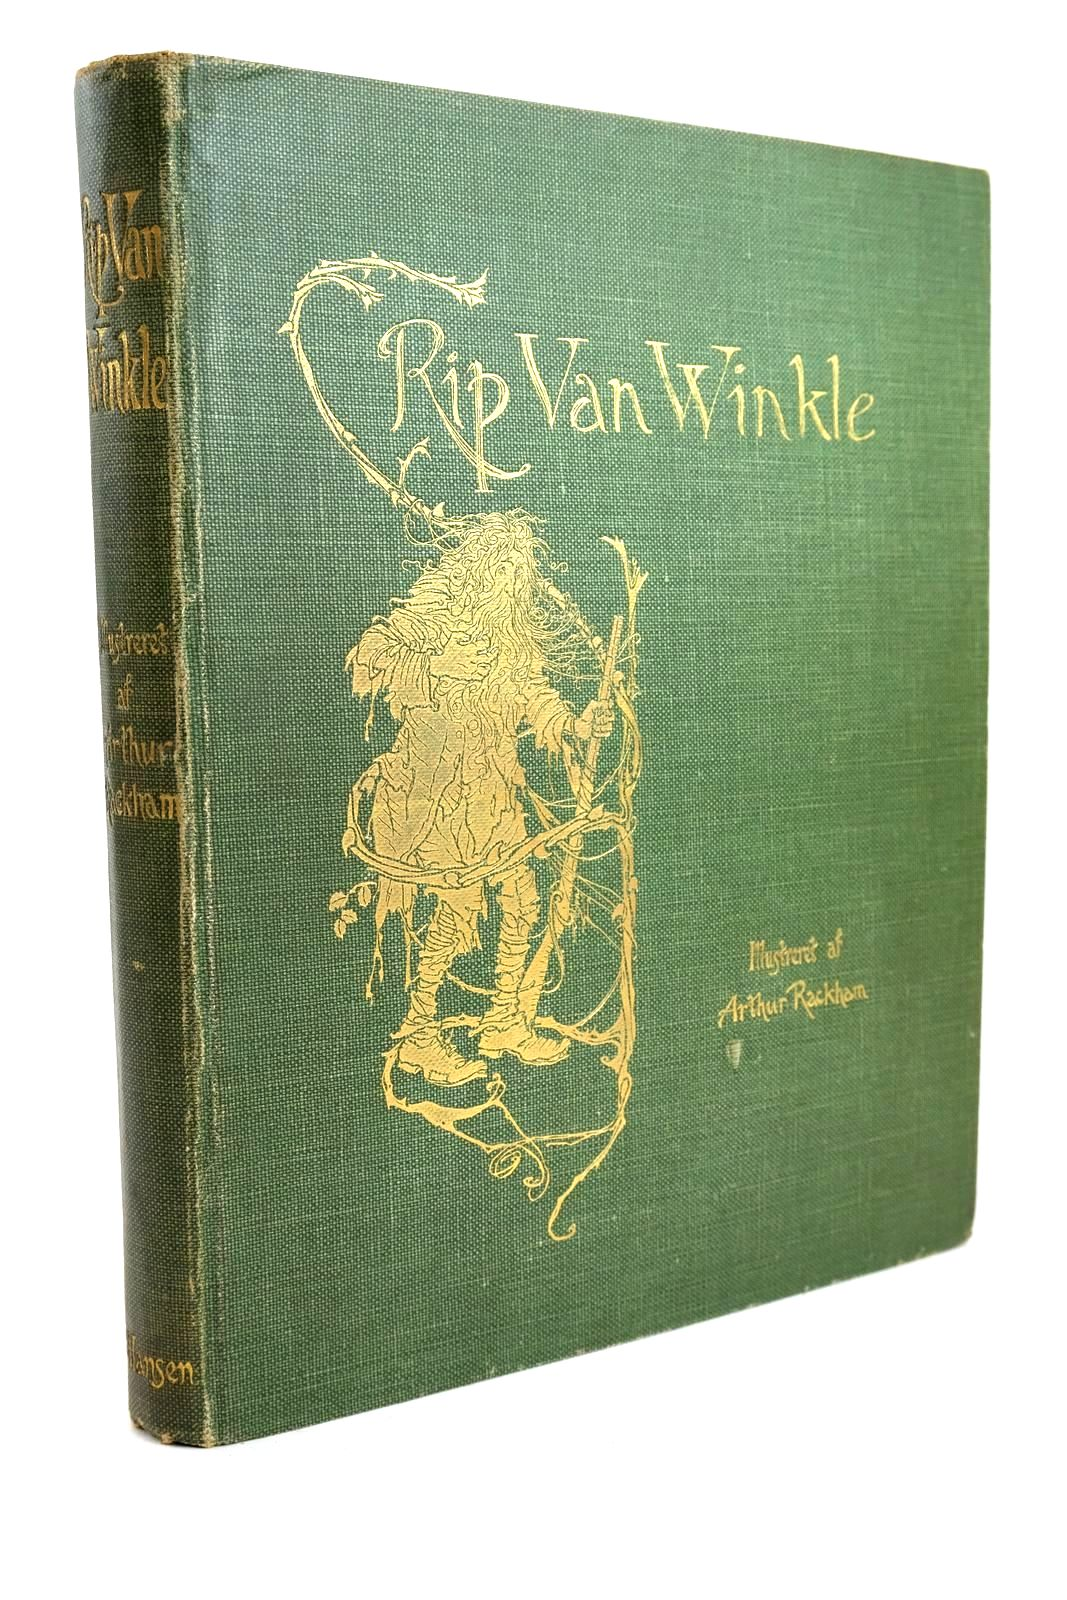 Photo of RIP VAN WINKLE- Stock Number: 1320489